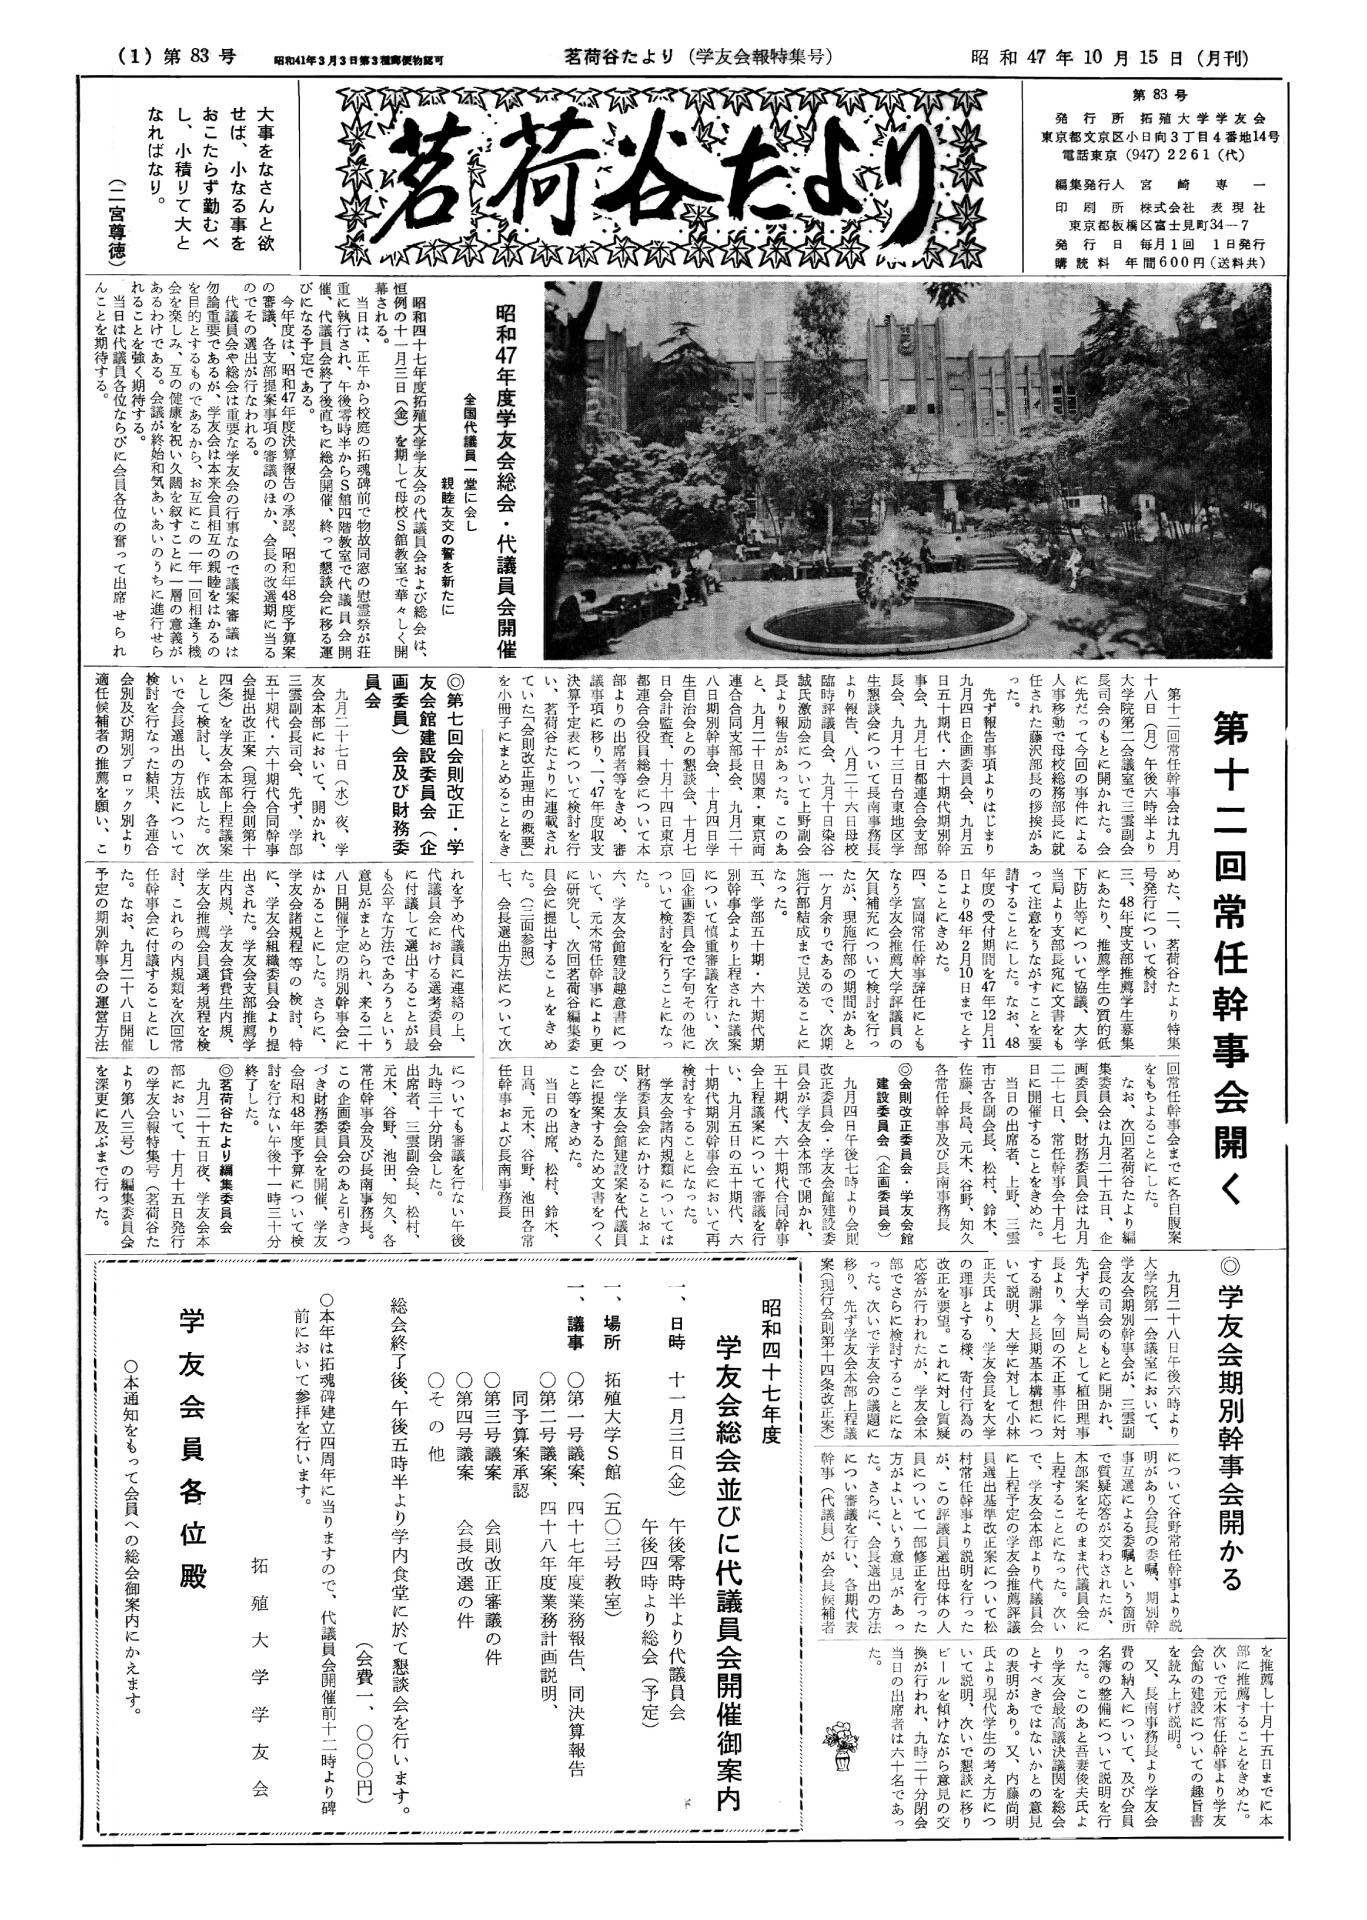 茗荷谷たより学友会報特集号(第83号)表紙